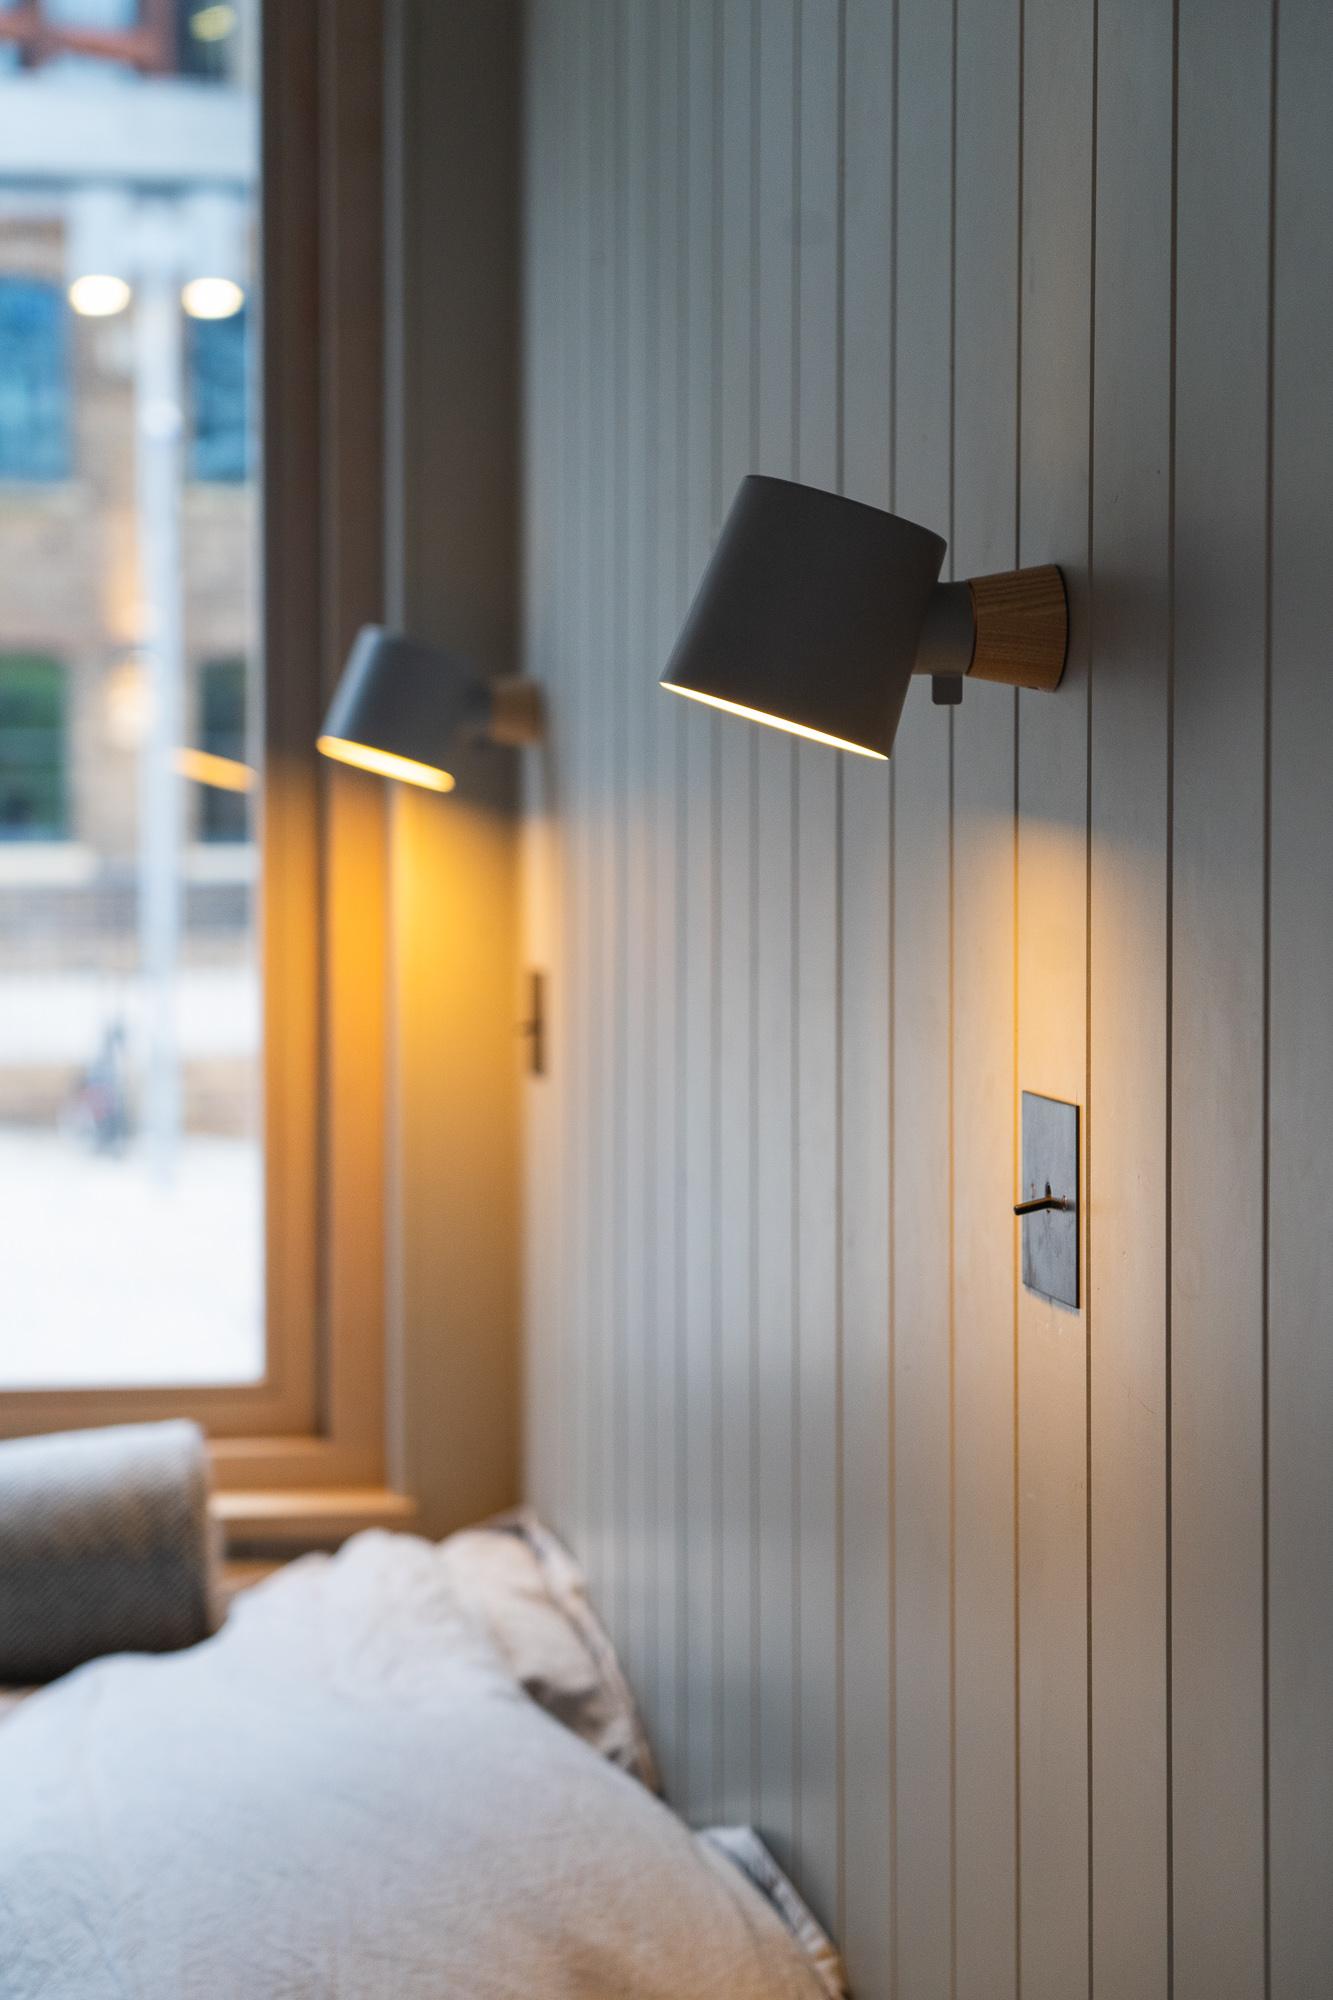 Nomad_Cabin - lights